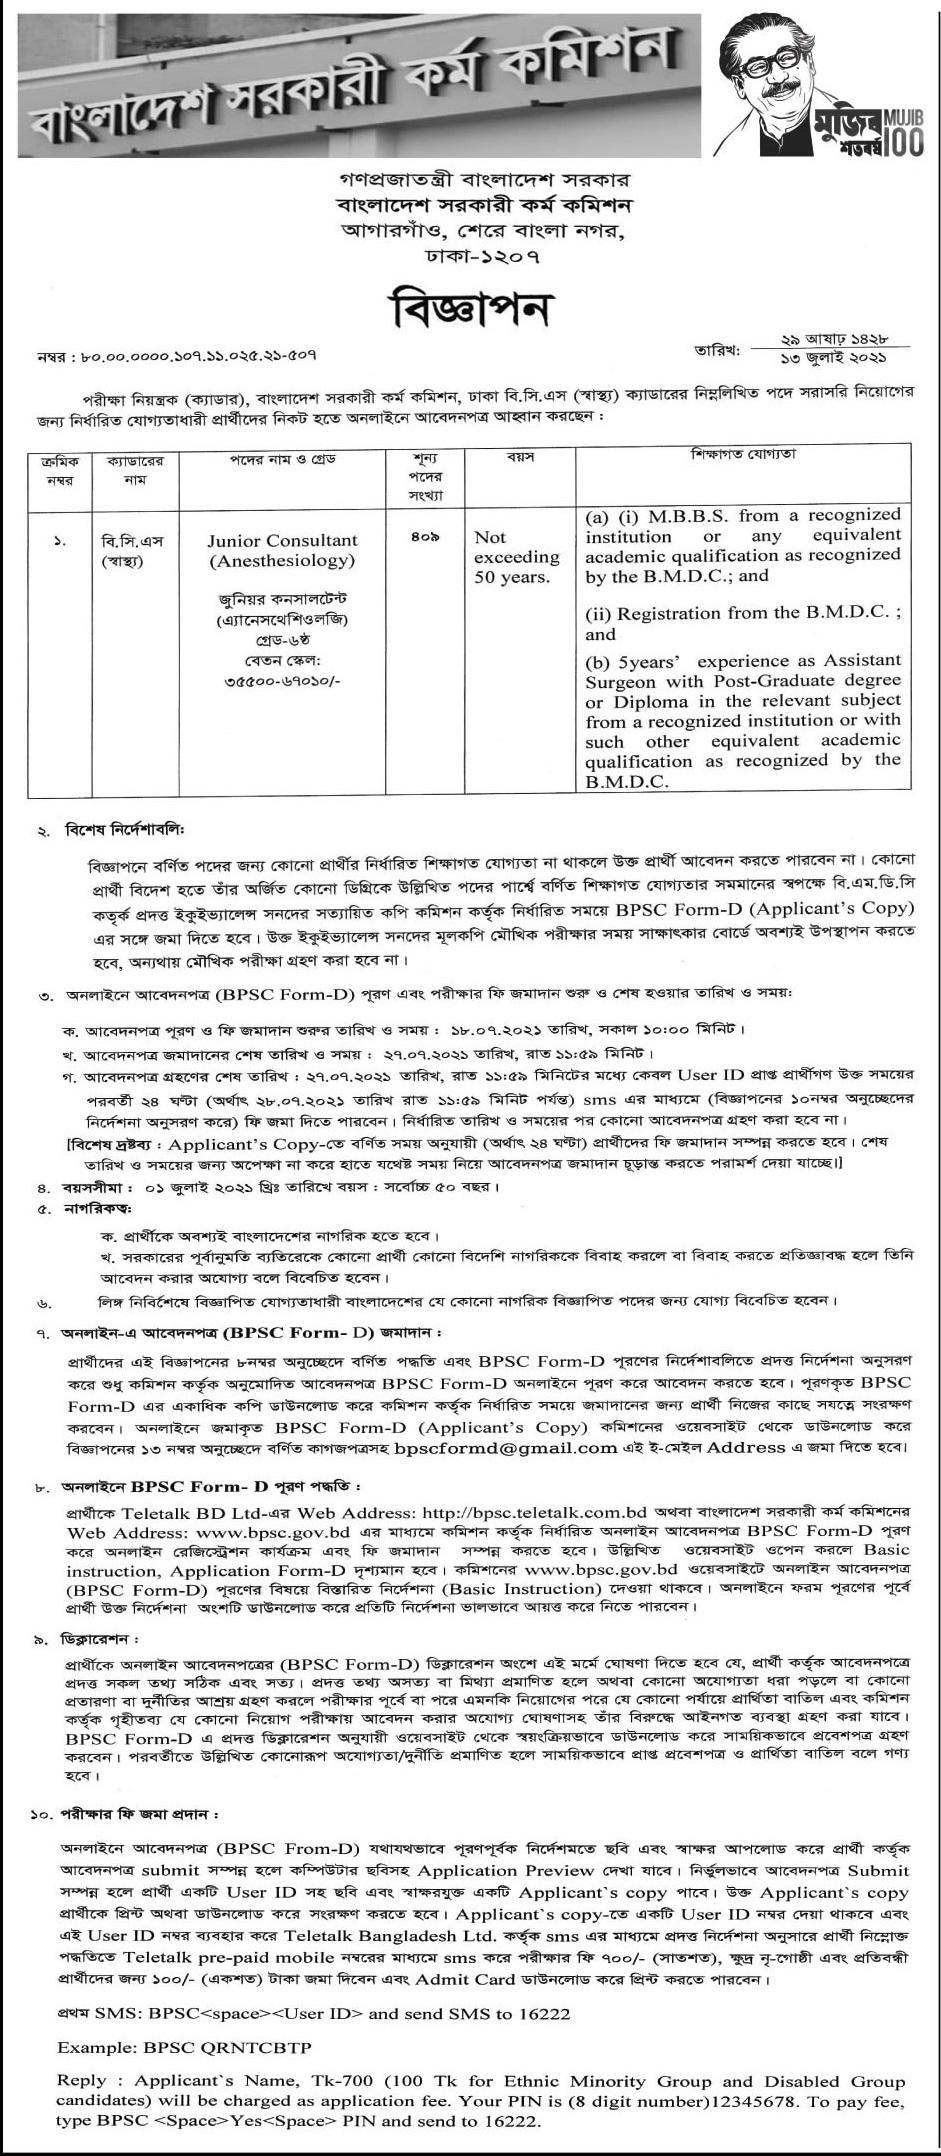 বাংলাদেশ সরকারী কর্ম কমিশন নিয়োগ বিজ্ঞপ্তি ২০২১ - Bangladesh Public Service Commission Job Circular 2021 - বিসিএস স্বাস্থ্য ক্যাডার সার্কুলার ২০২১